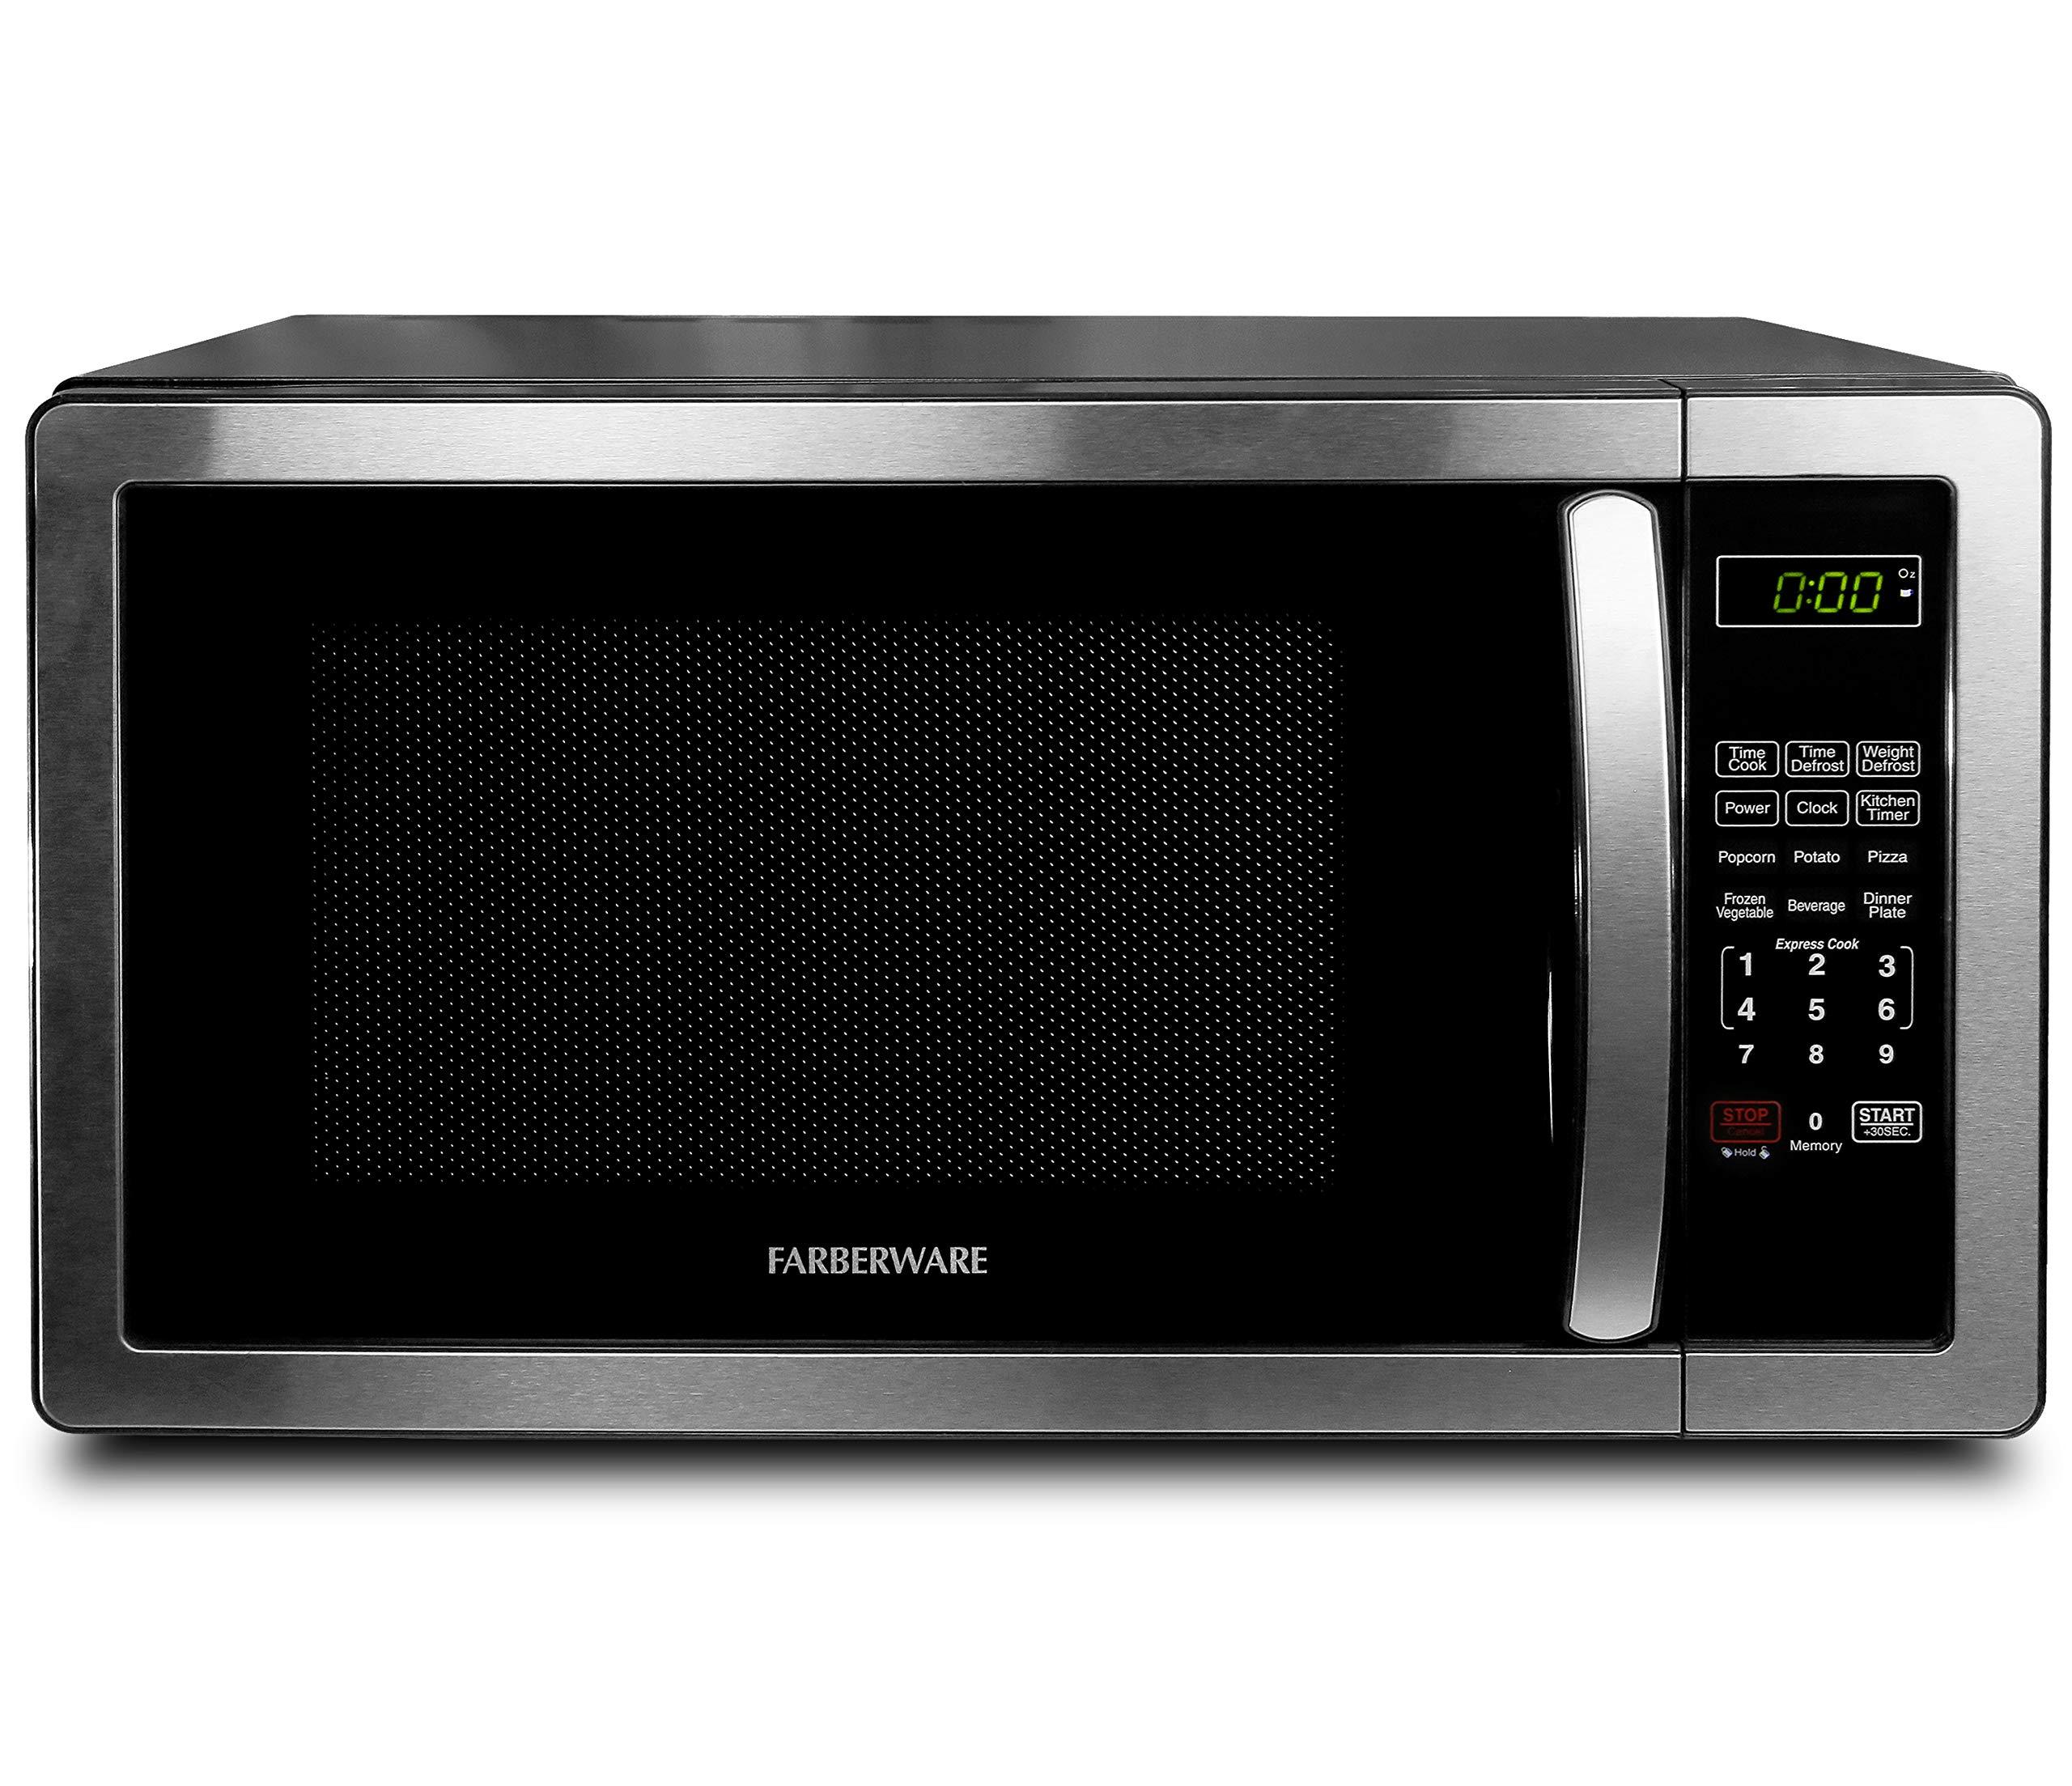 Farberware FMO11AHTBKB 1000 Watt Microwave Stainless